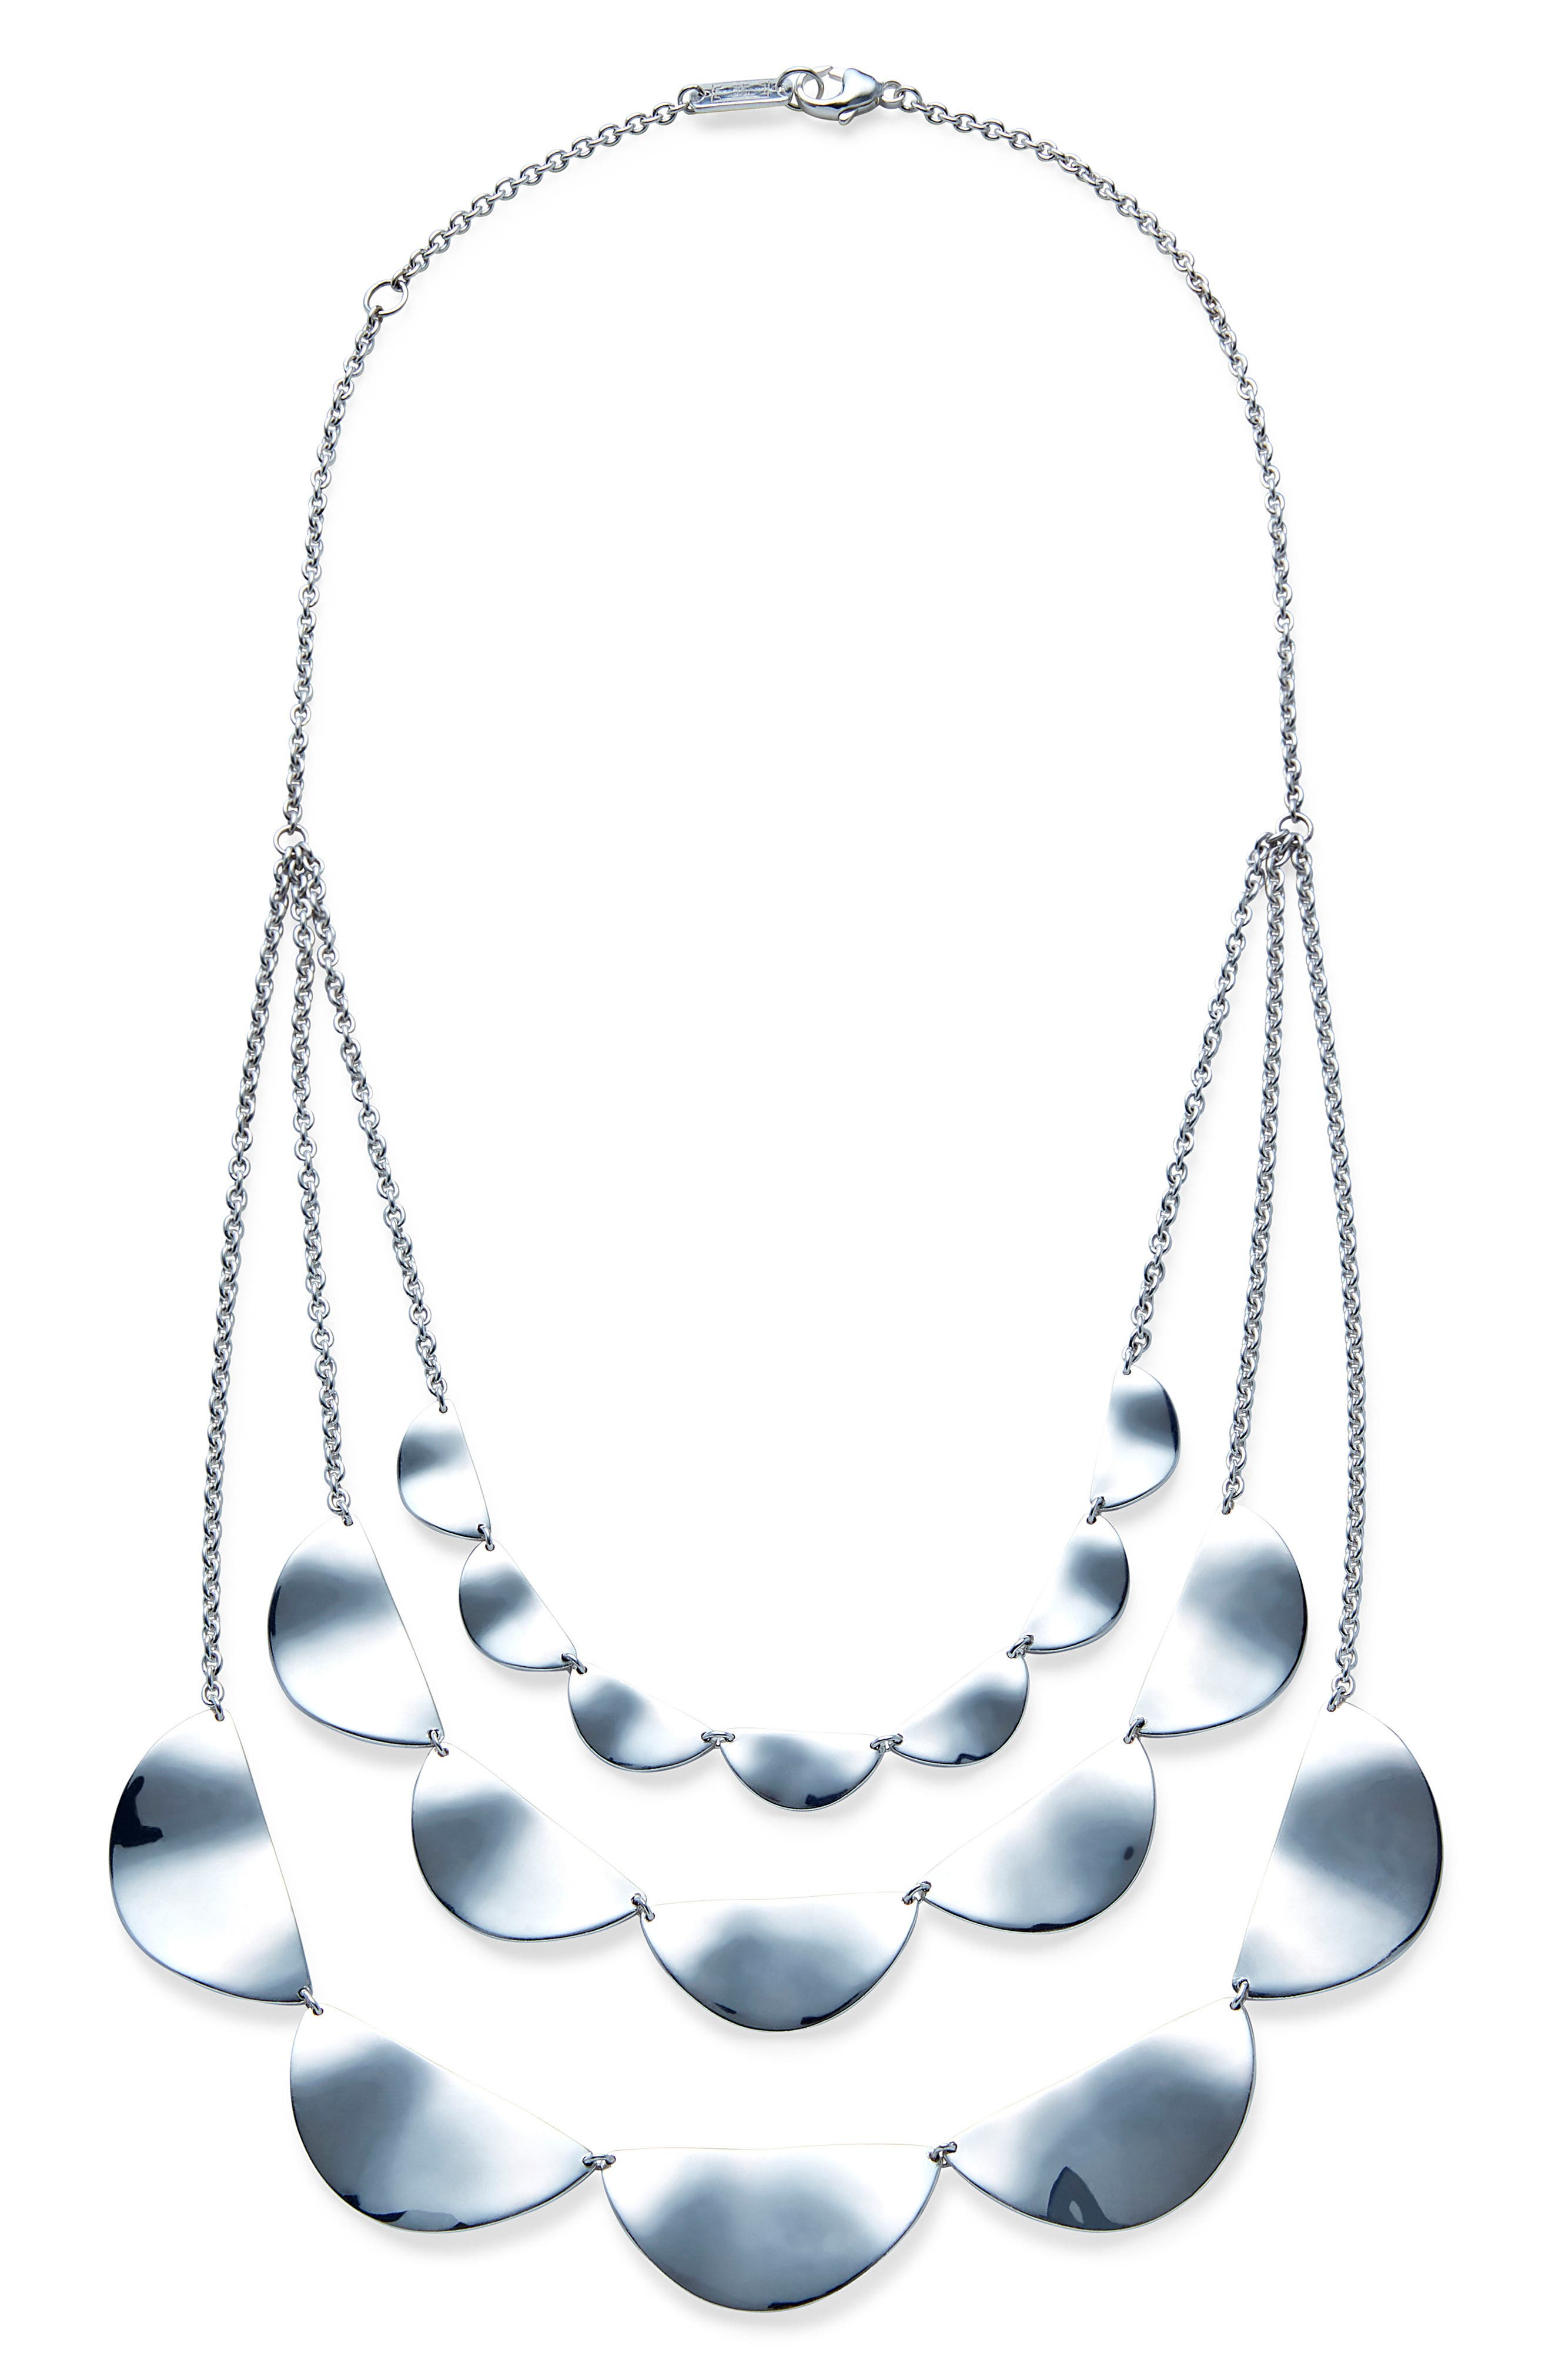 Classico Three-Strand Half Paillette Necklace,                         Main,                         color, Silver